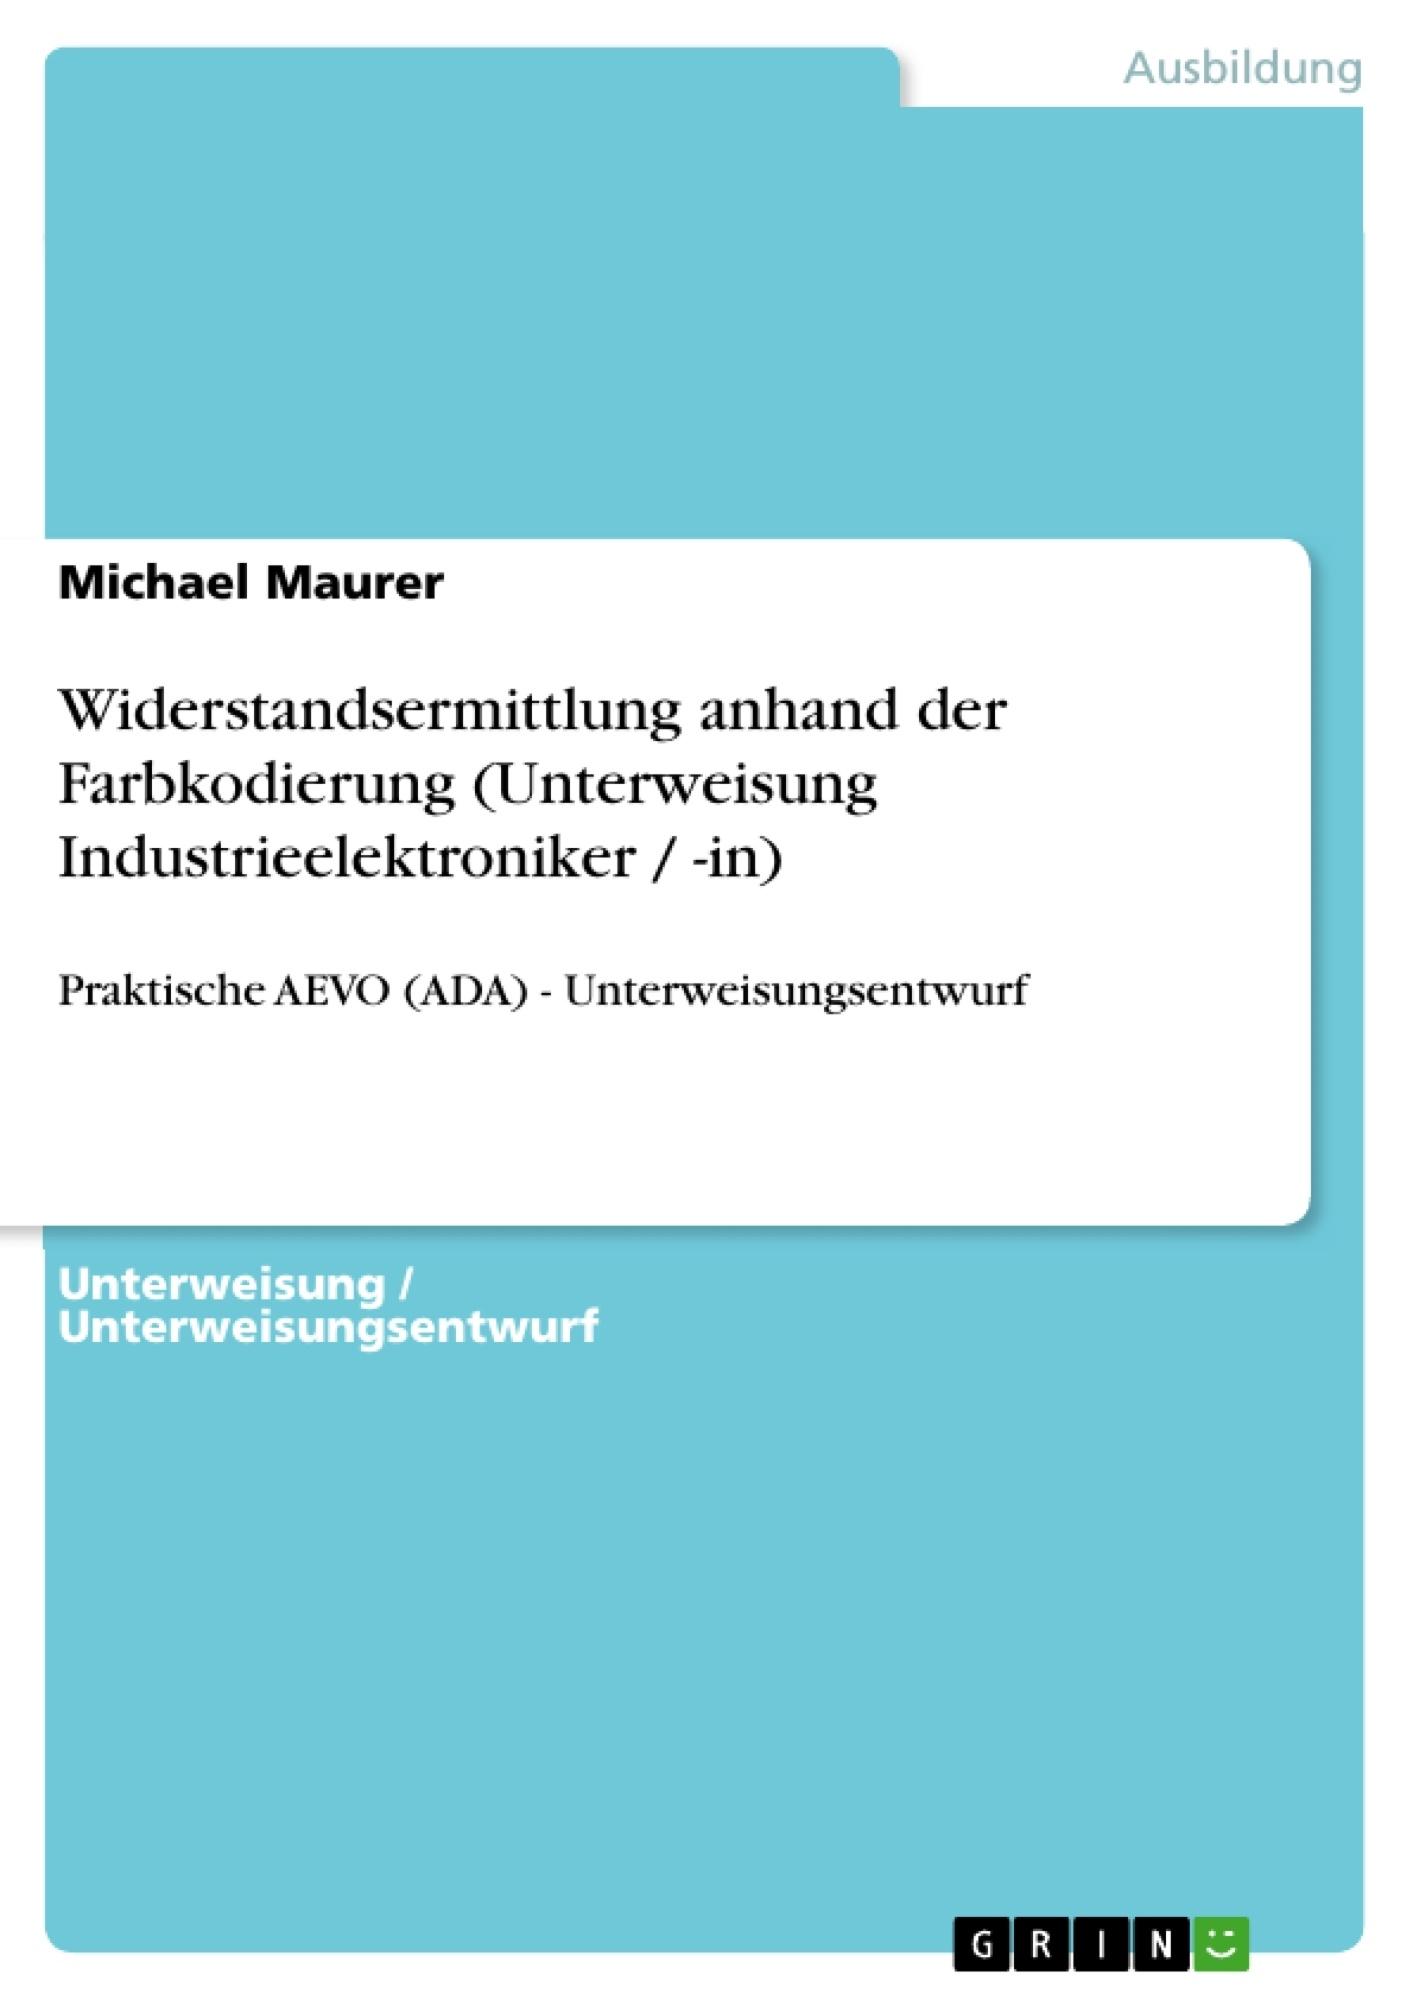 Titel: Widerstandsermittlung anhand der Farbkodierung (Unterweisung Industrieelektroniker / -in)